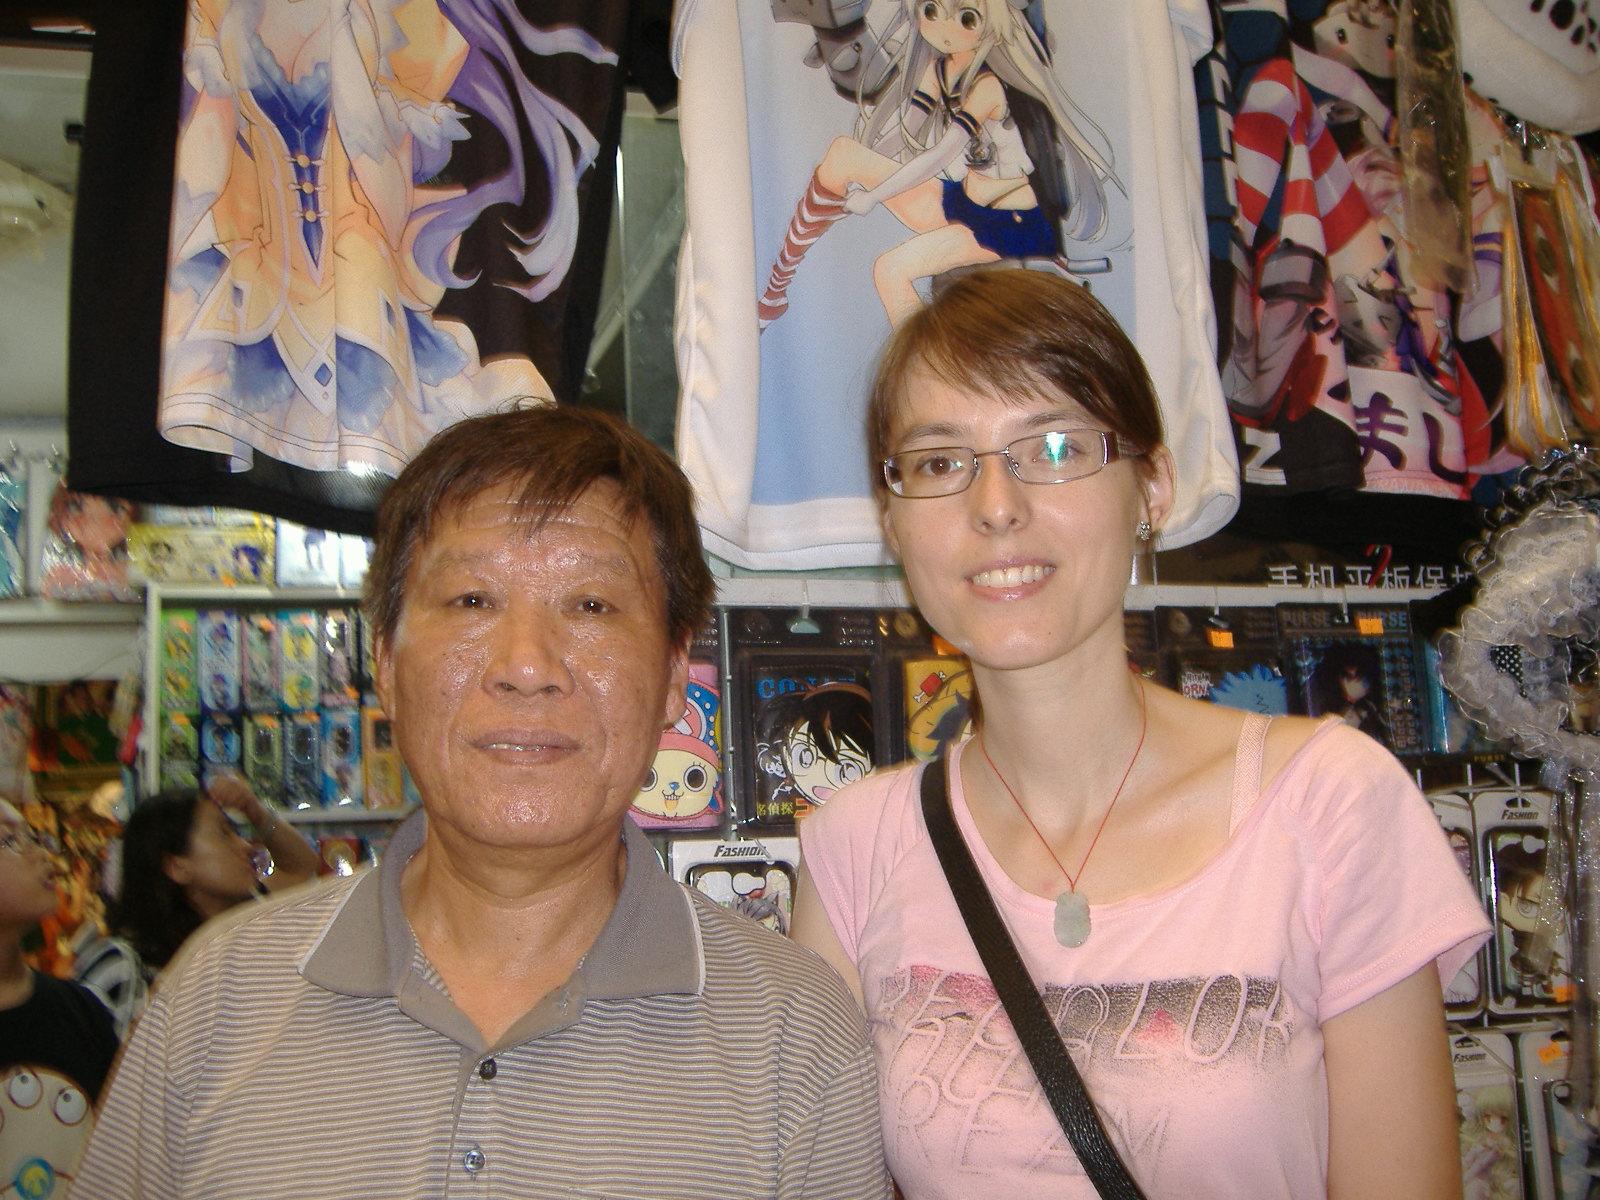 Az Otaku bolt tulajdonosával :)